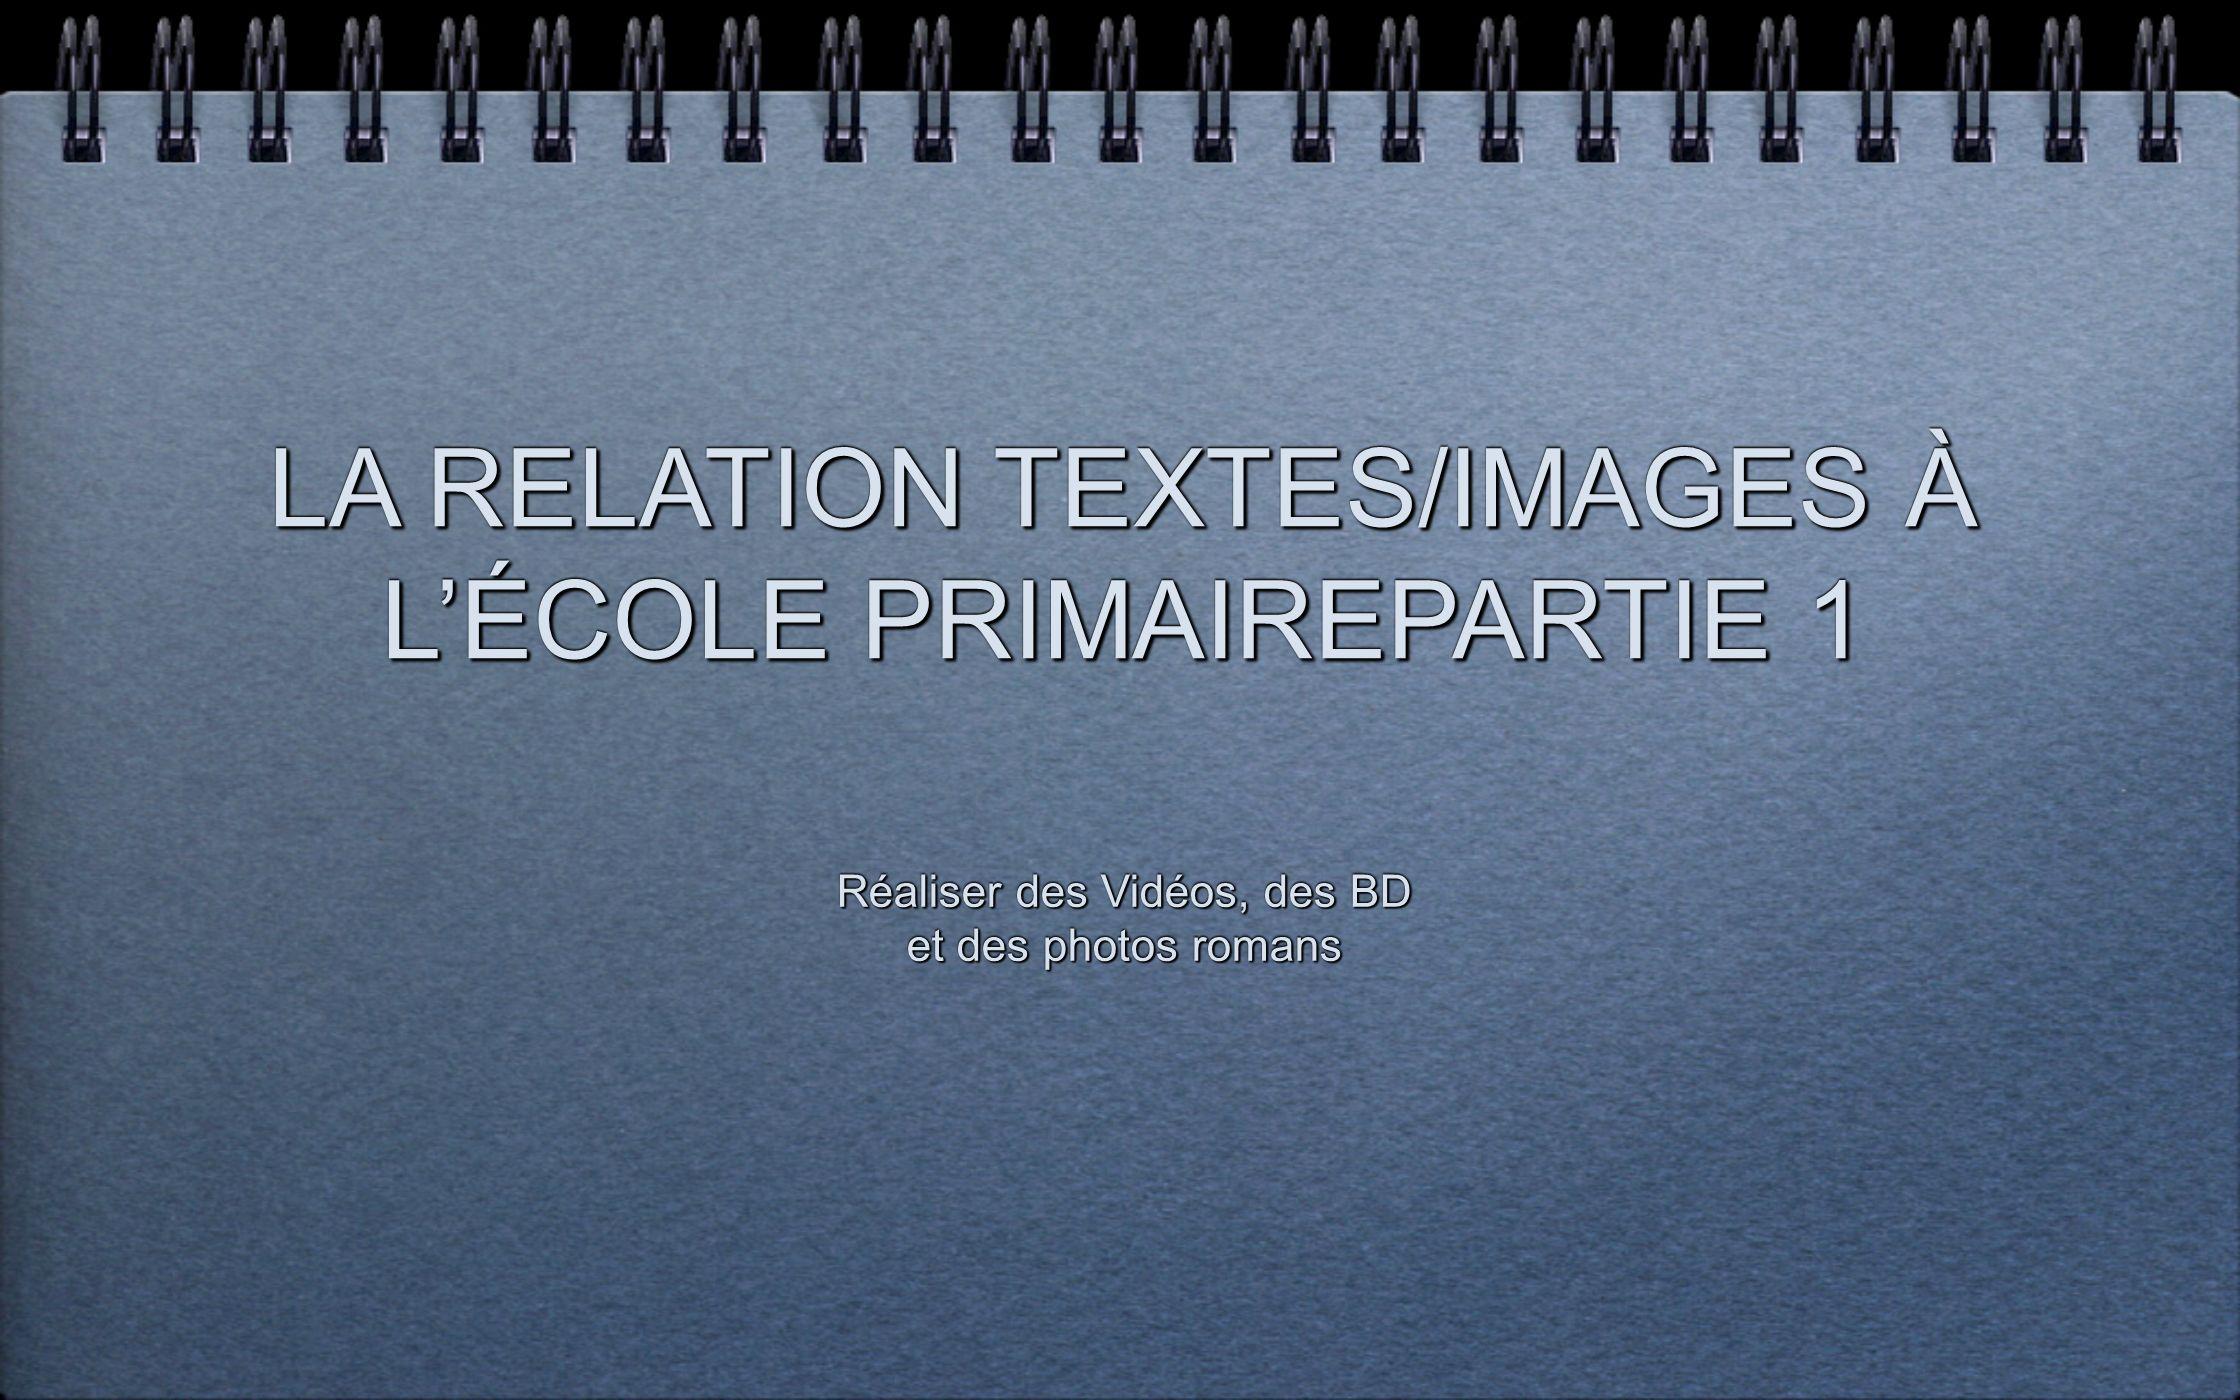 LA RELATION TEXTES/IMAGES À L'ÉCOLE PRIMAIREPARTIE 1